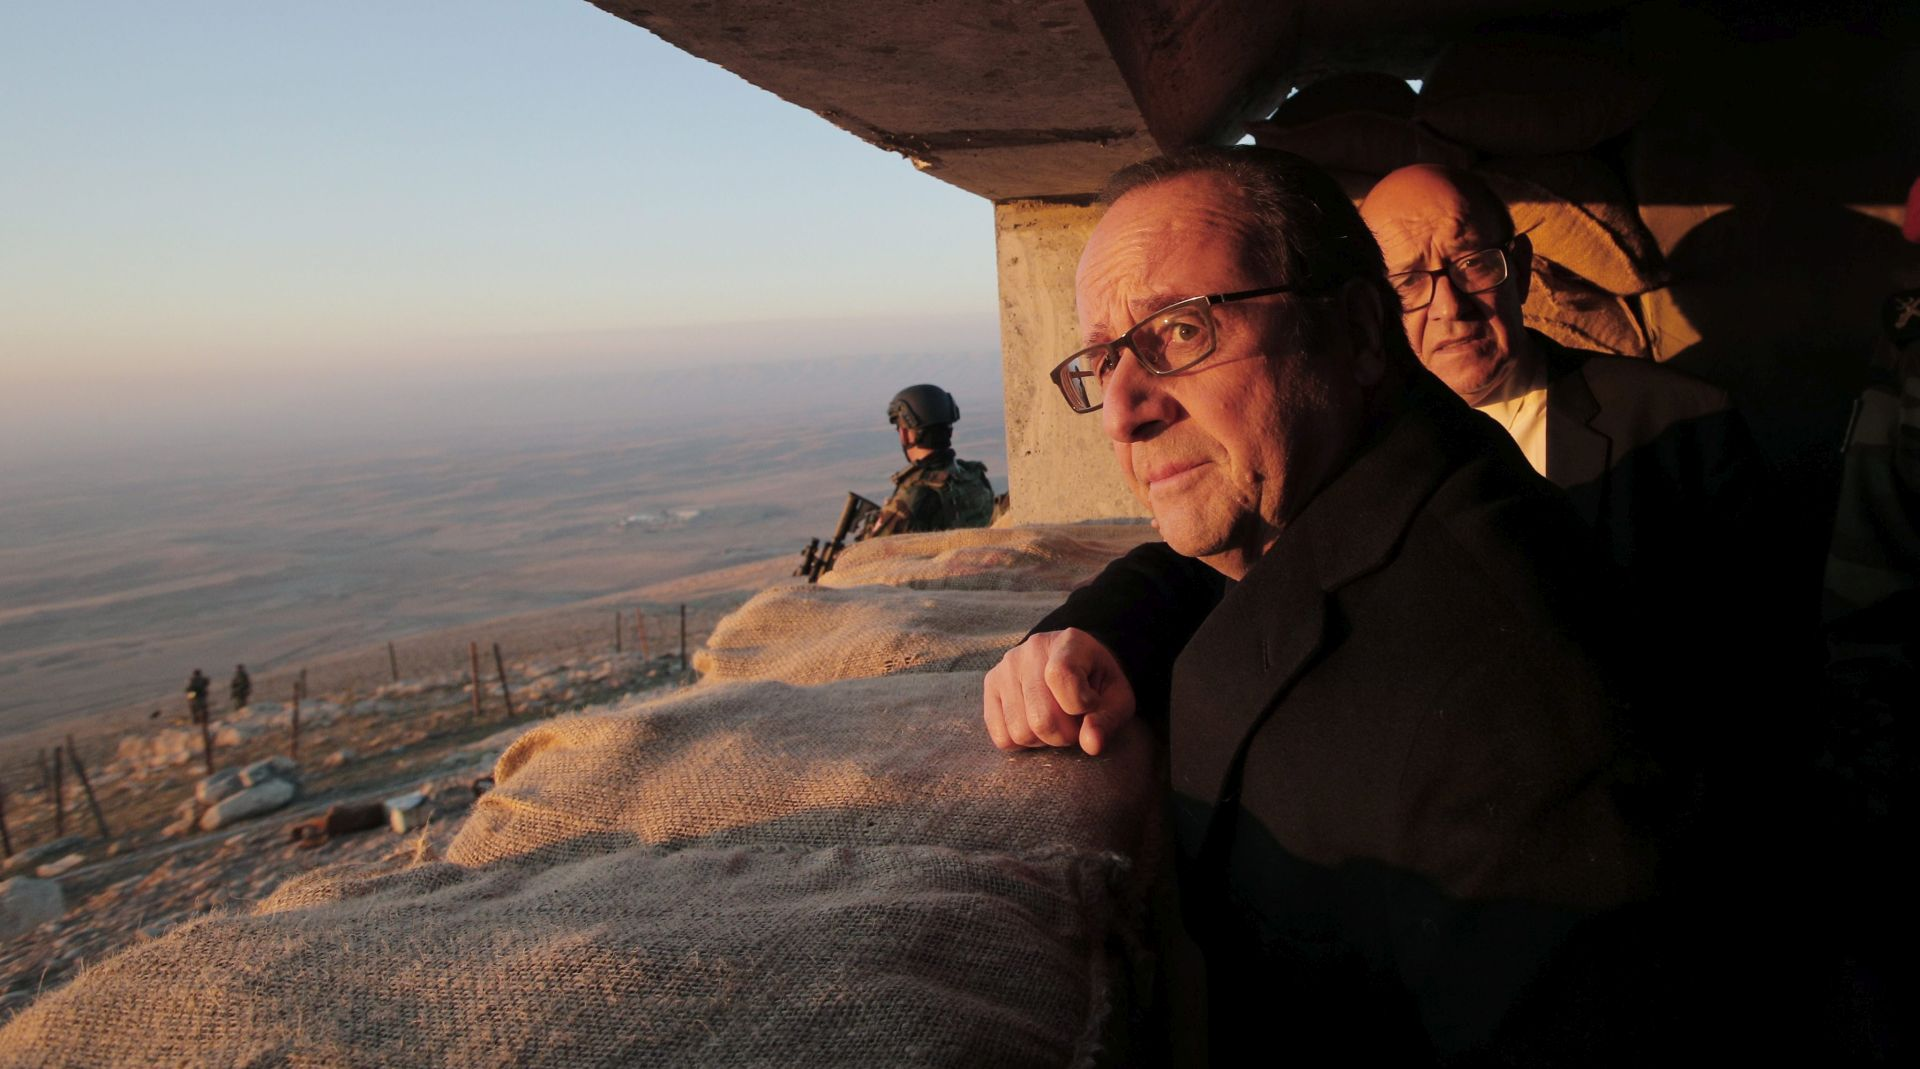 Hollande misli da bi bitka za Mosul mogla završiti do ljeta